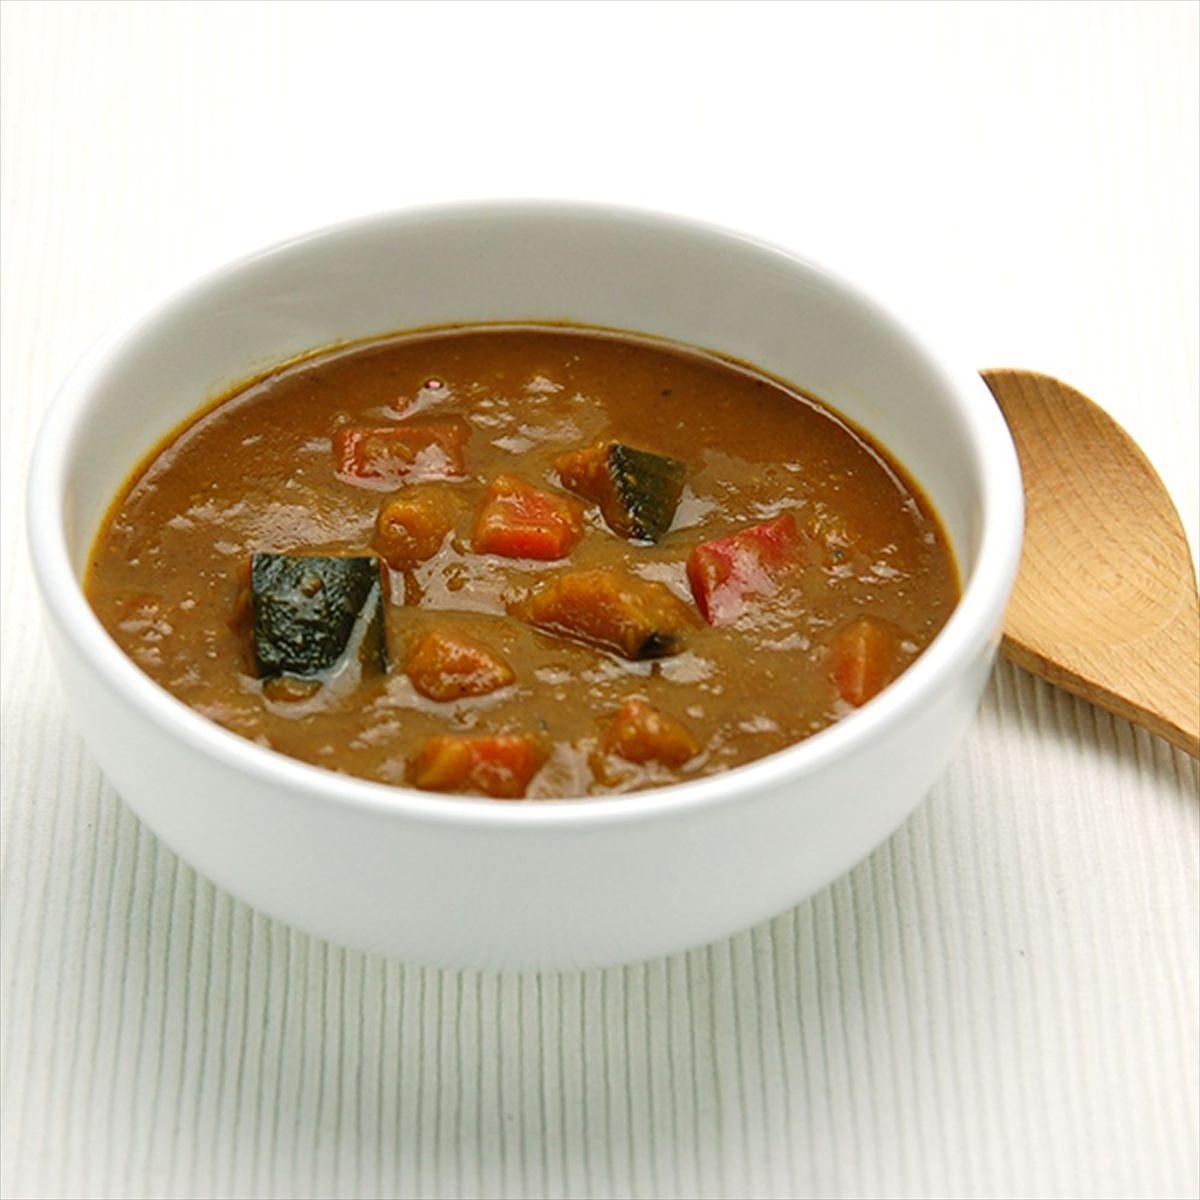 ケース 野菜カレーマイルド 8つの野菜で旨みぎっしり 40個 〔200g×40〕 東京都 無添加 レトルトカレー チャヤ マクロビオティックス